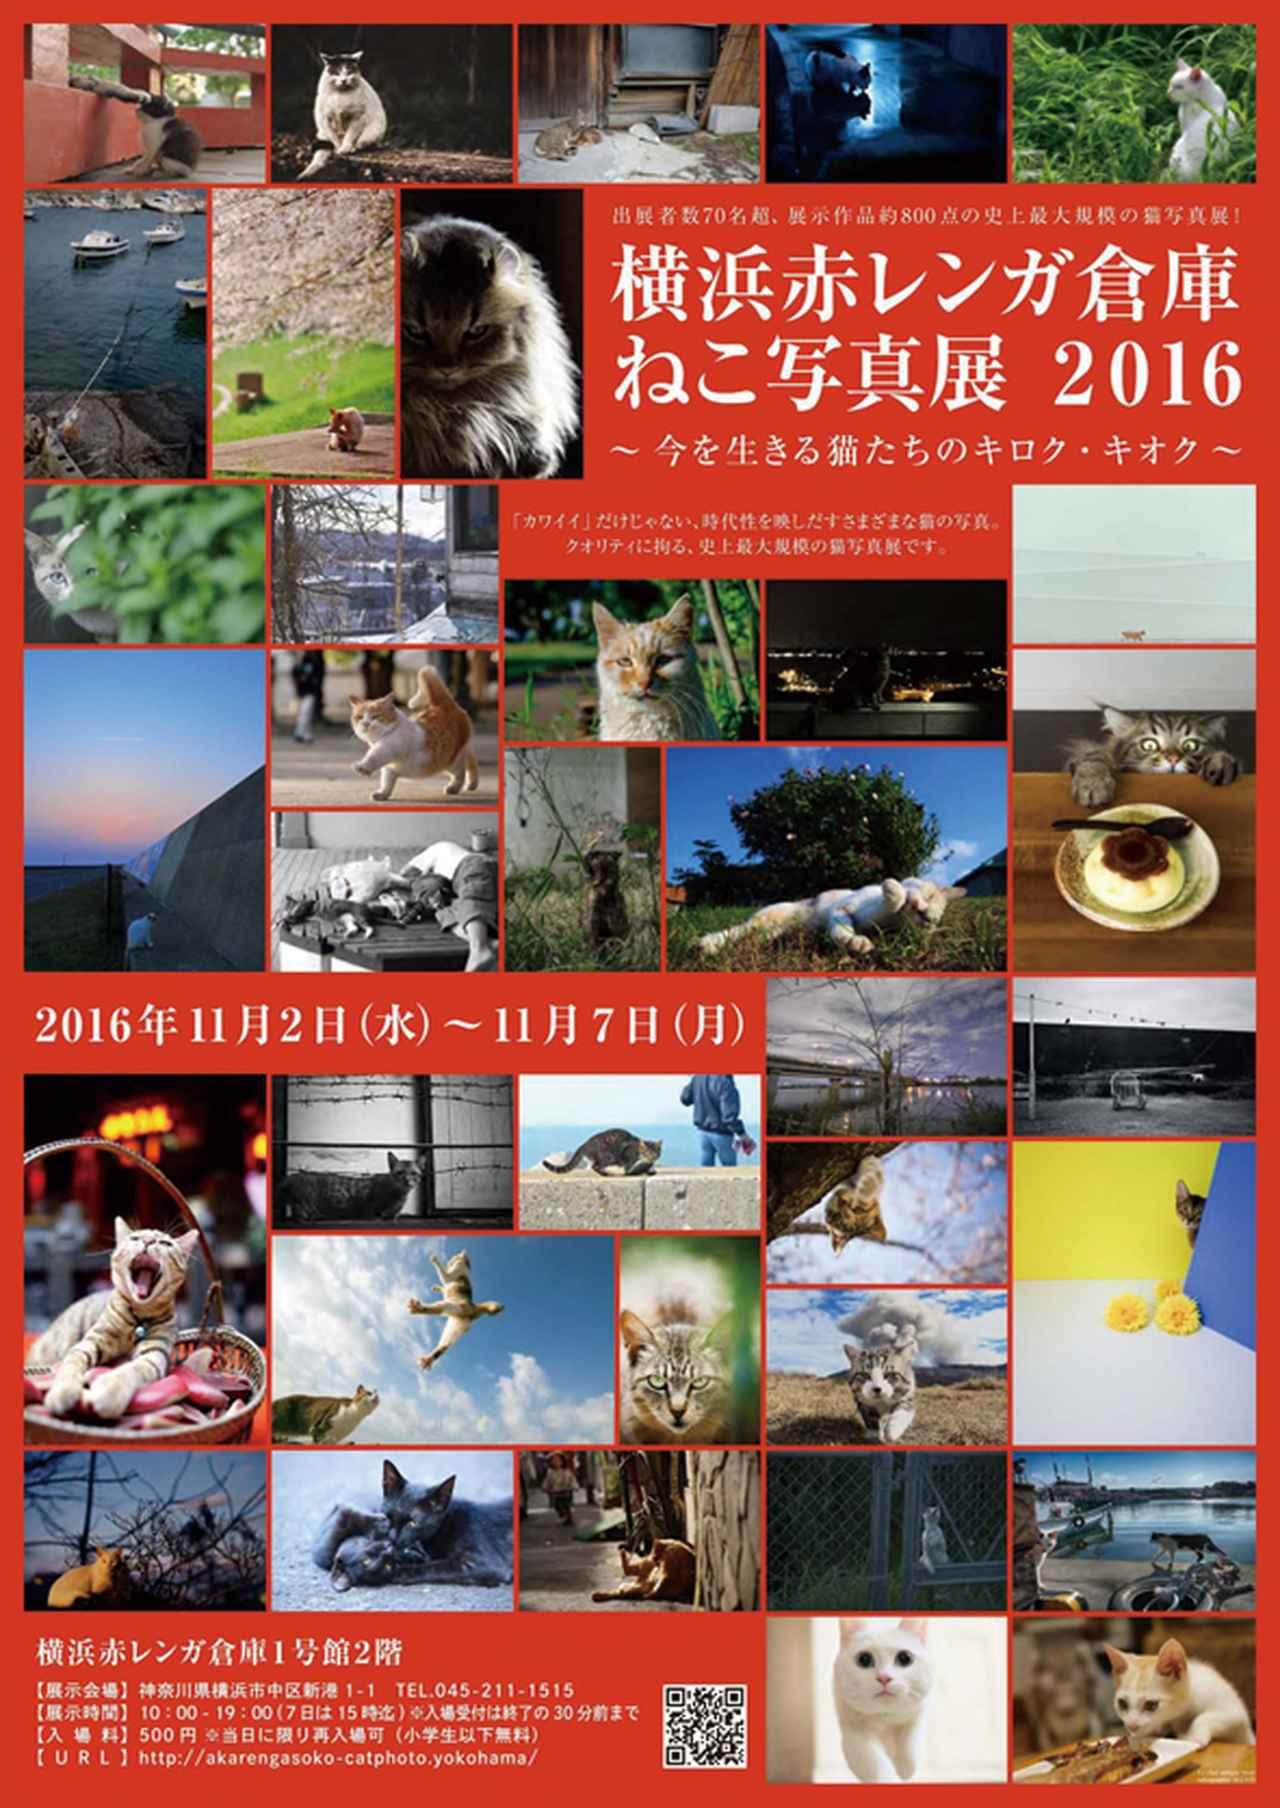 画像: 『横浜赤レンガ倉庫 ねこ写真展 2016  〜今を生きる猫たちのキロク・キオク〜』